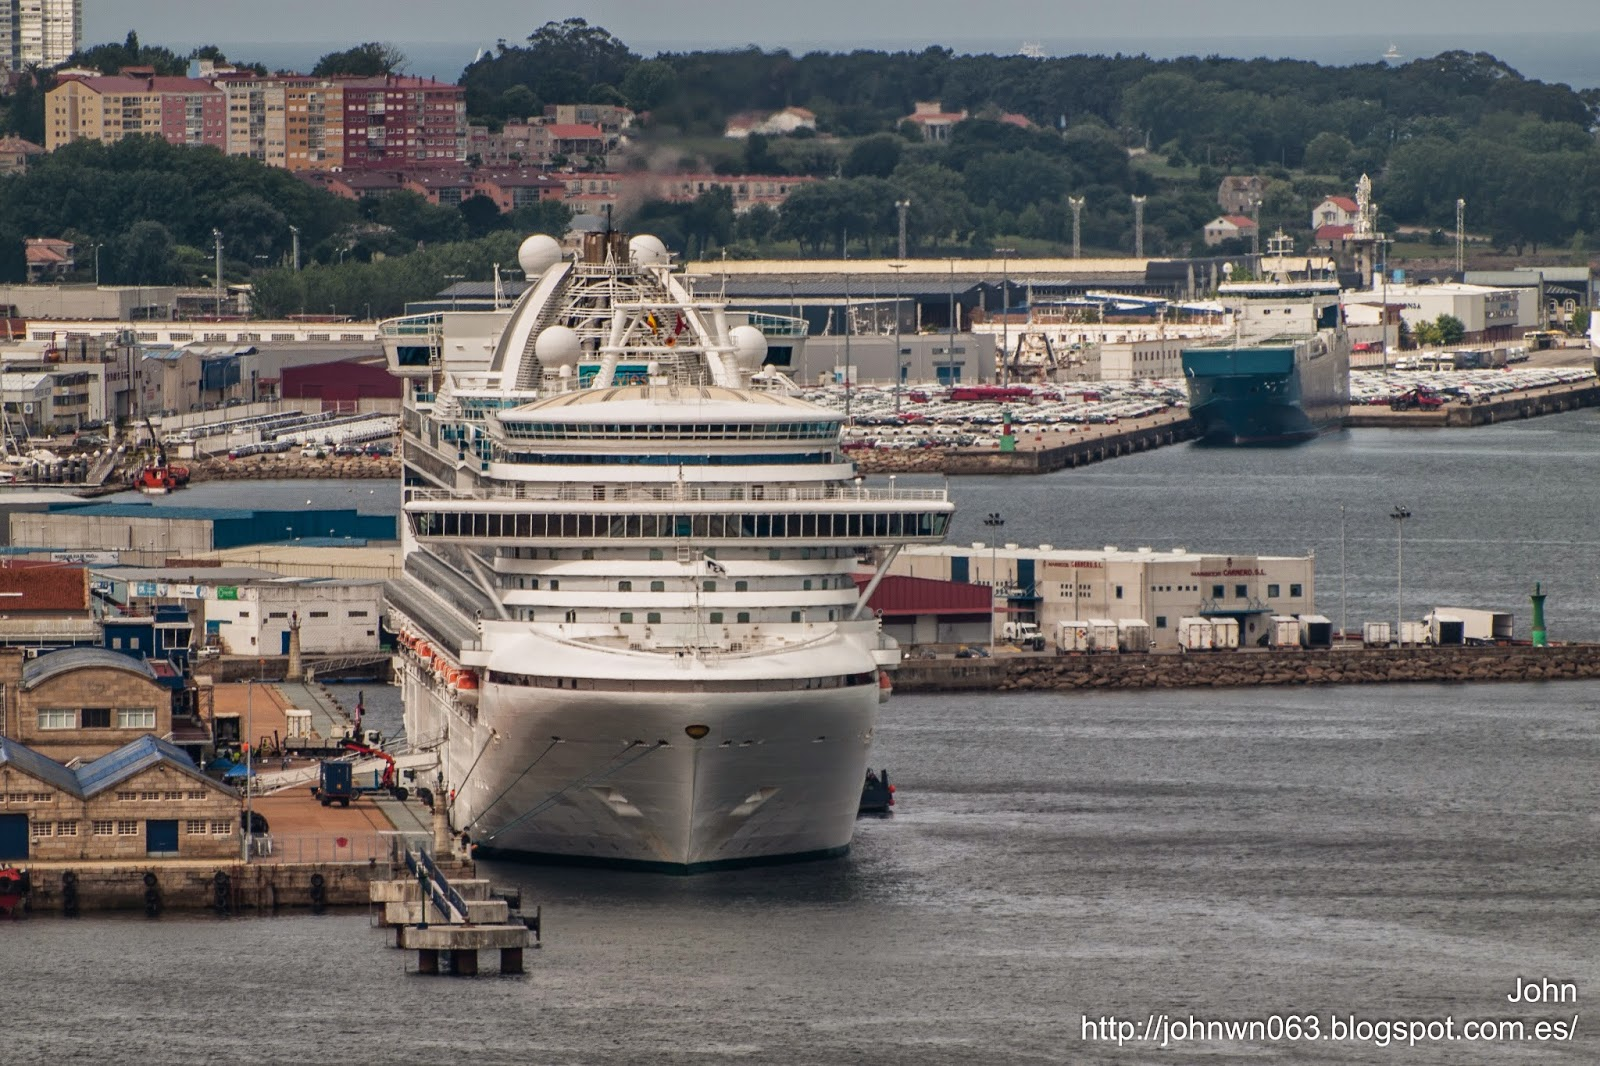 emerald princess, princess cruises lines, fotos de barcos, imagenes de barcos, passengers ship, vigo, cruceros